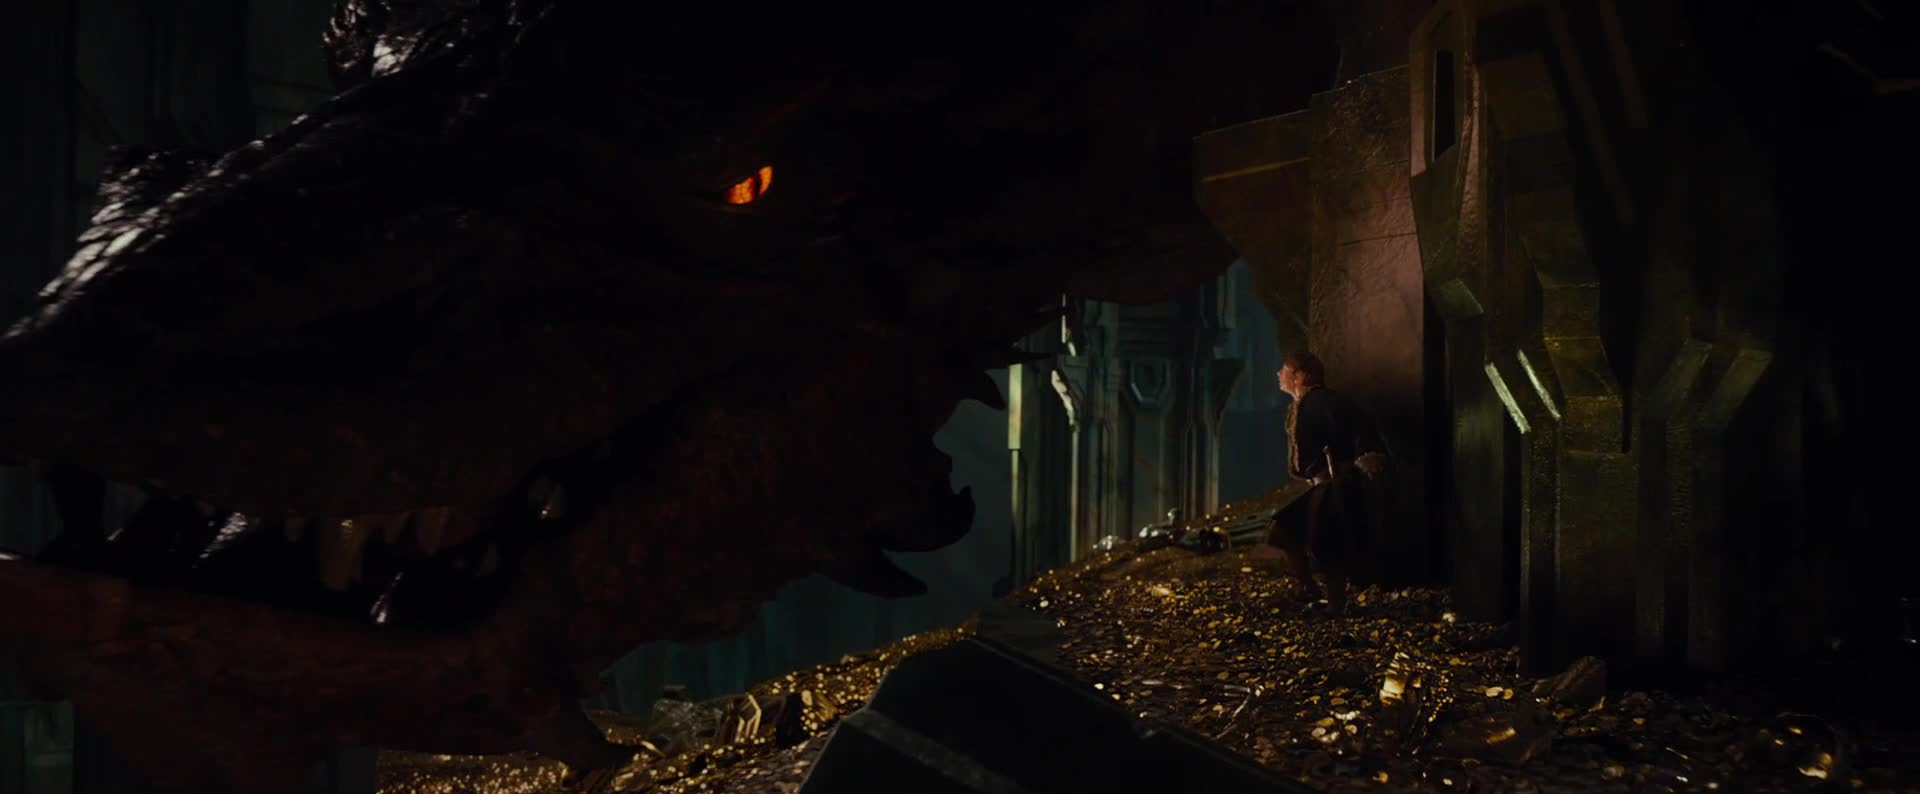 Трейлеры ролики отрывки фильма Пиксели смотреть онлайн с видео-плеера